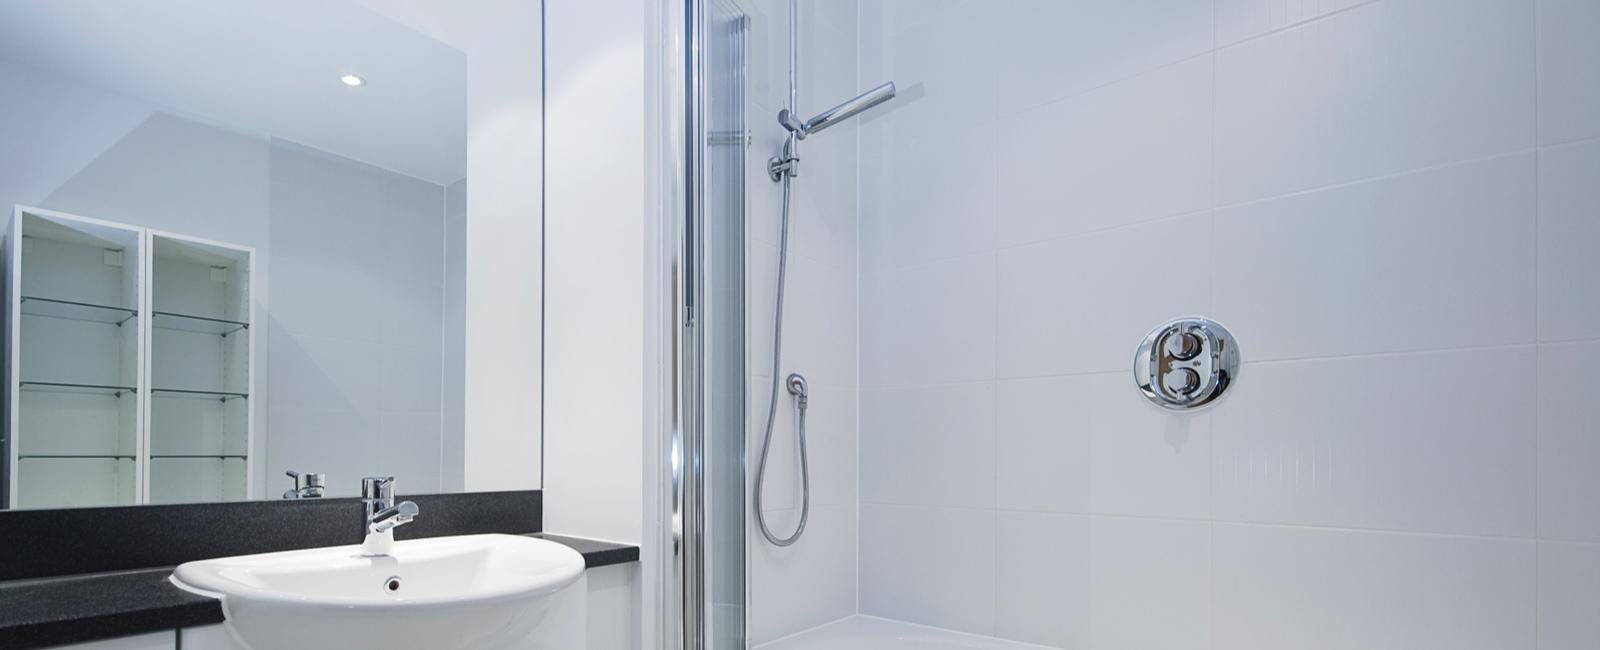 pare-baignoire salle de bain